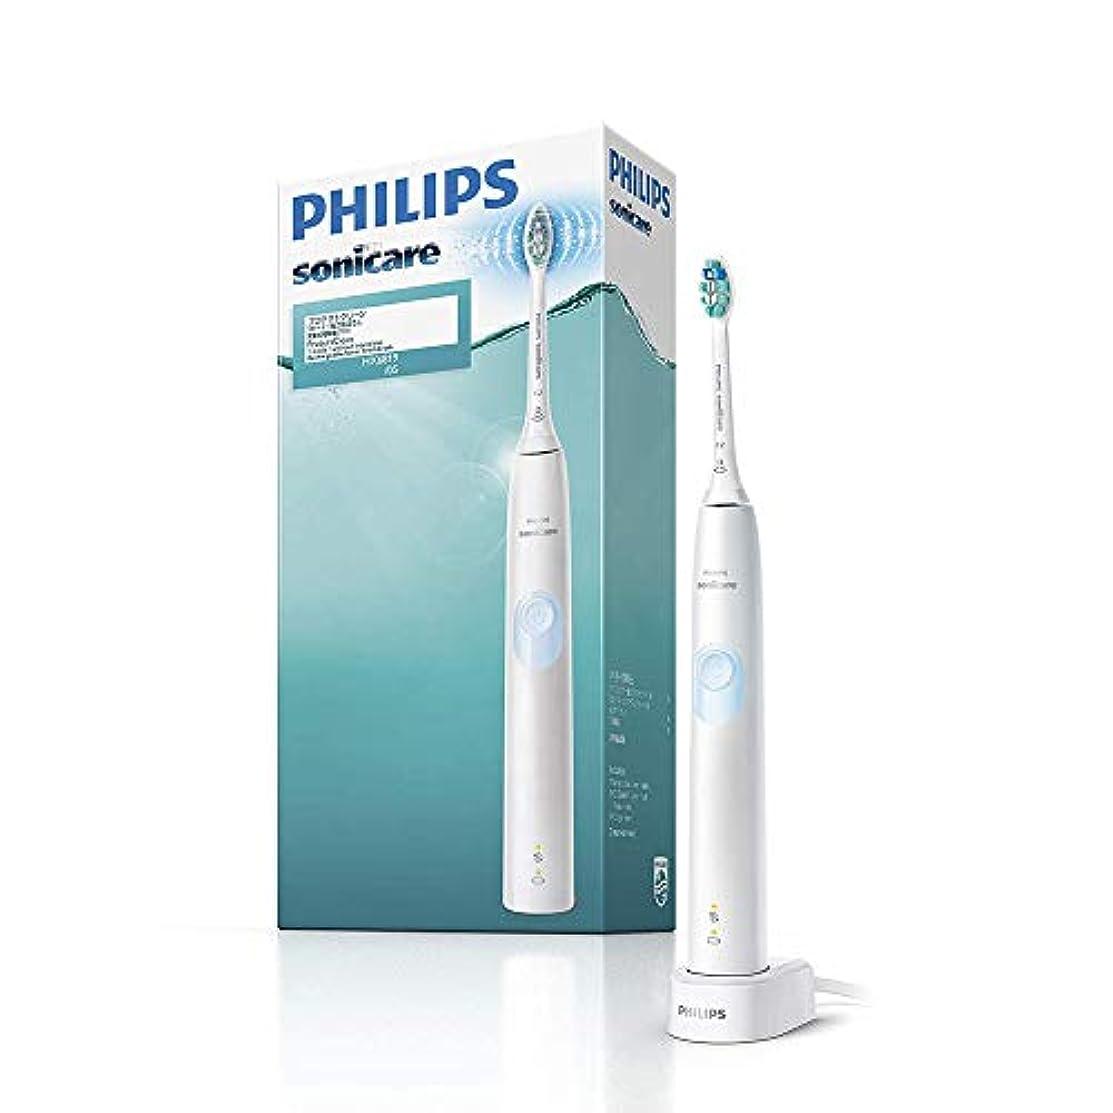 クリークまつげベット【Amazon.co.jp限定】フィリップス ソニッケアー プロテクトクリーン ホワイトライトブルー 電動歯ブラシ 強さ設定なし HX6819/05